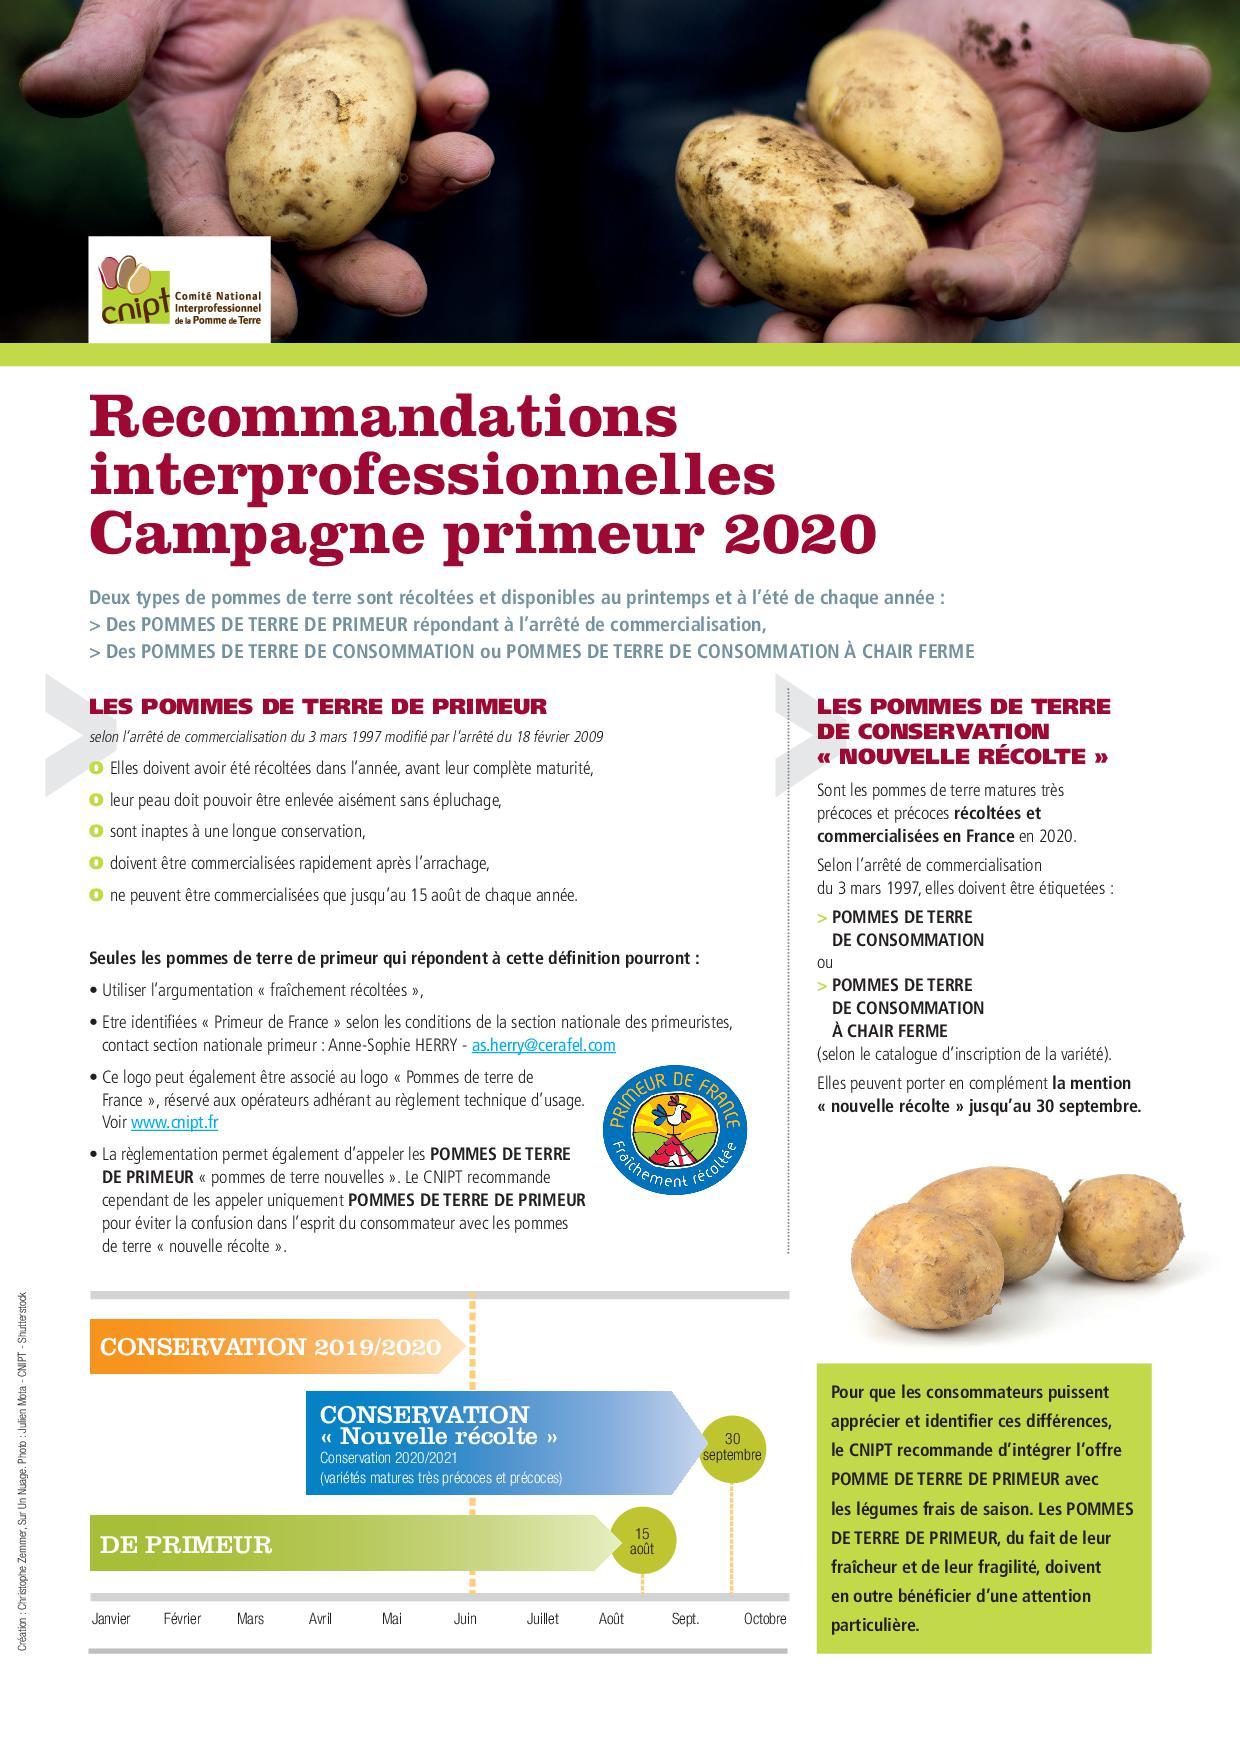 CNIPT_Fiche_Recommandations_Campagne Primeurs 20201 Pommes de terre